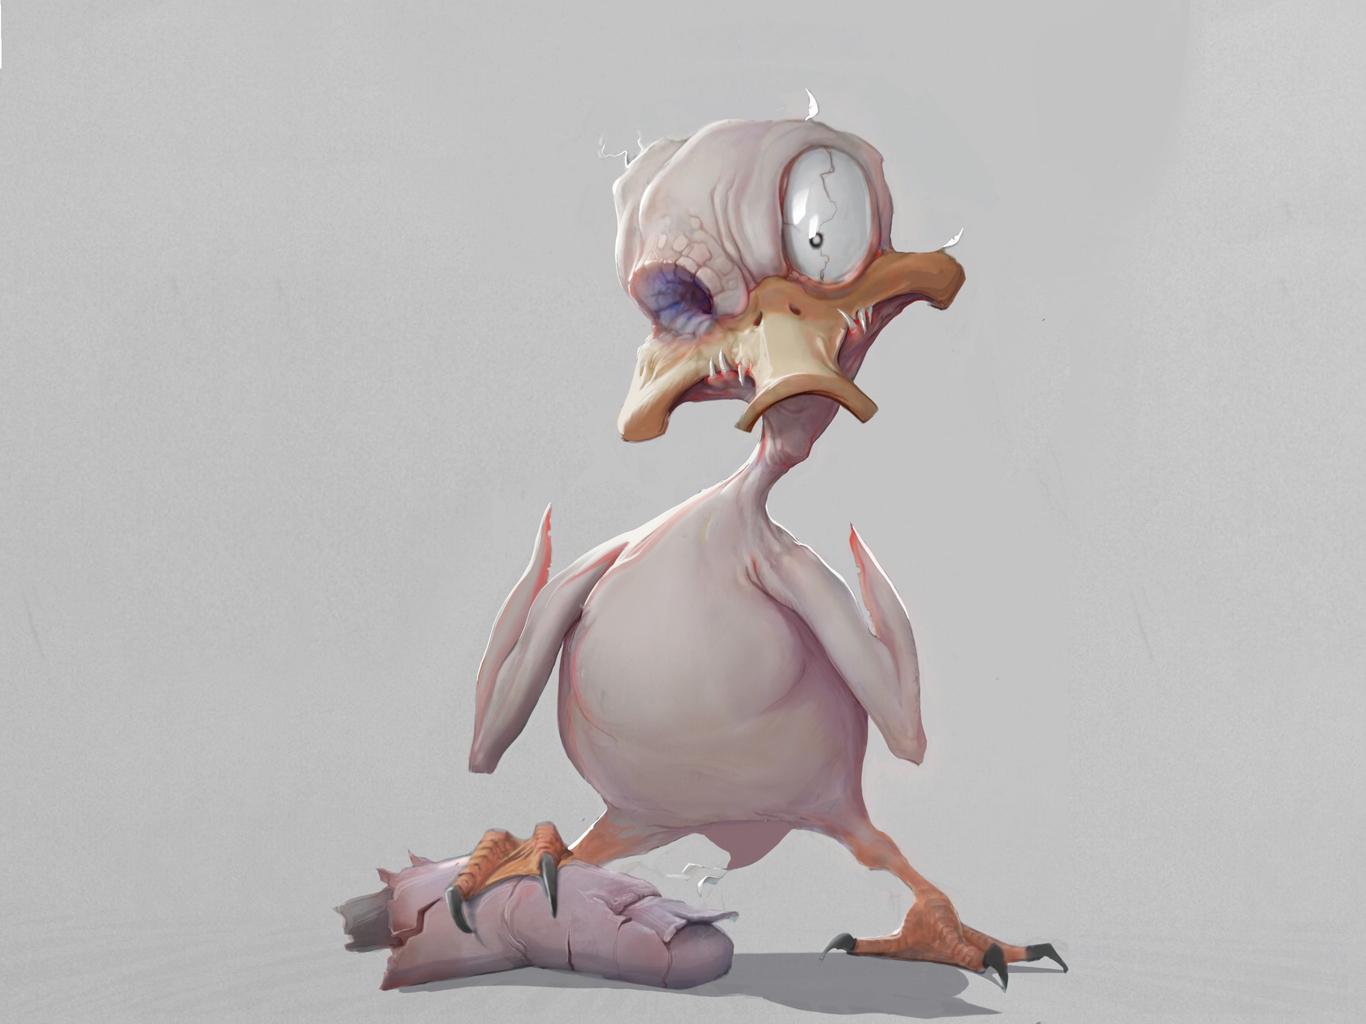 Ed art killer duck 1 8f9ad8f3 91cv